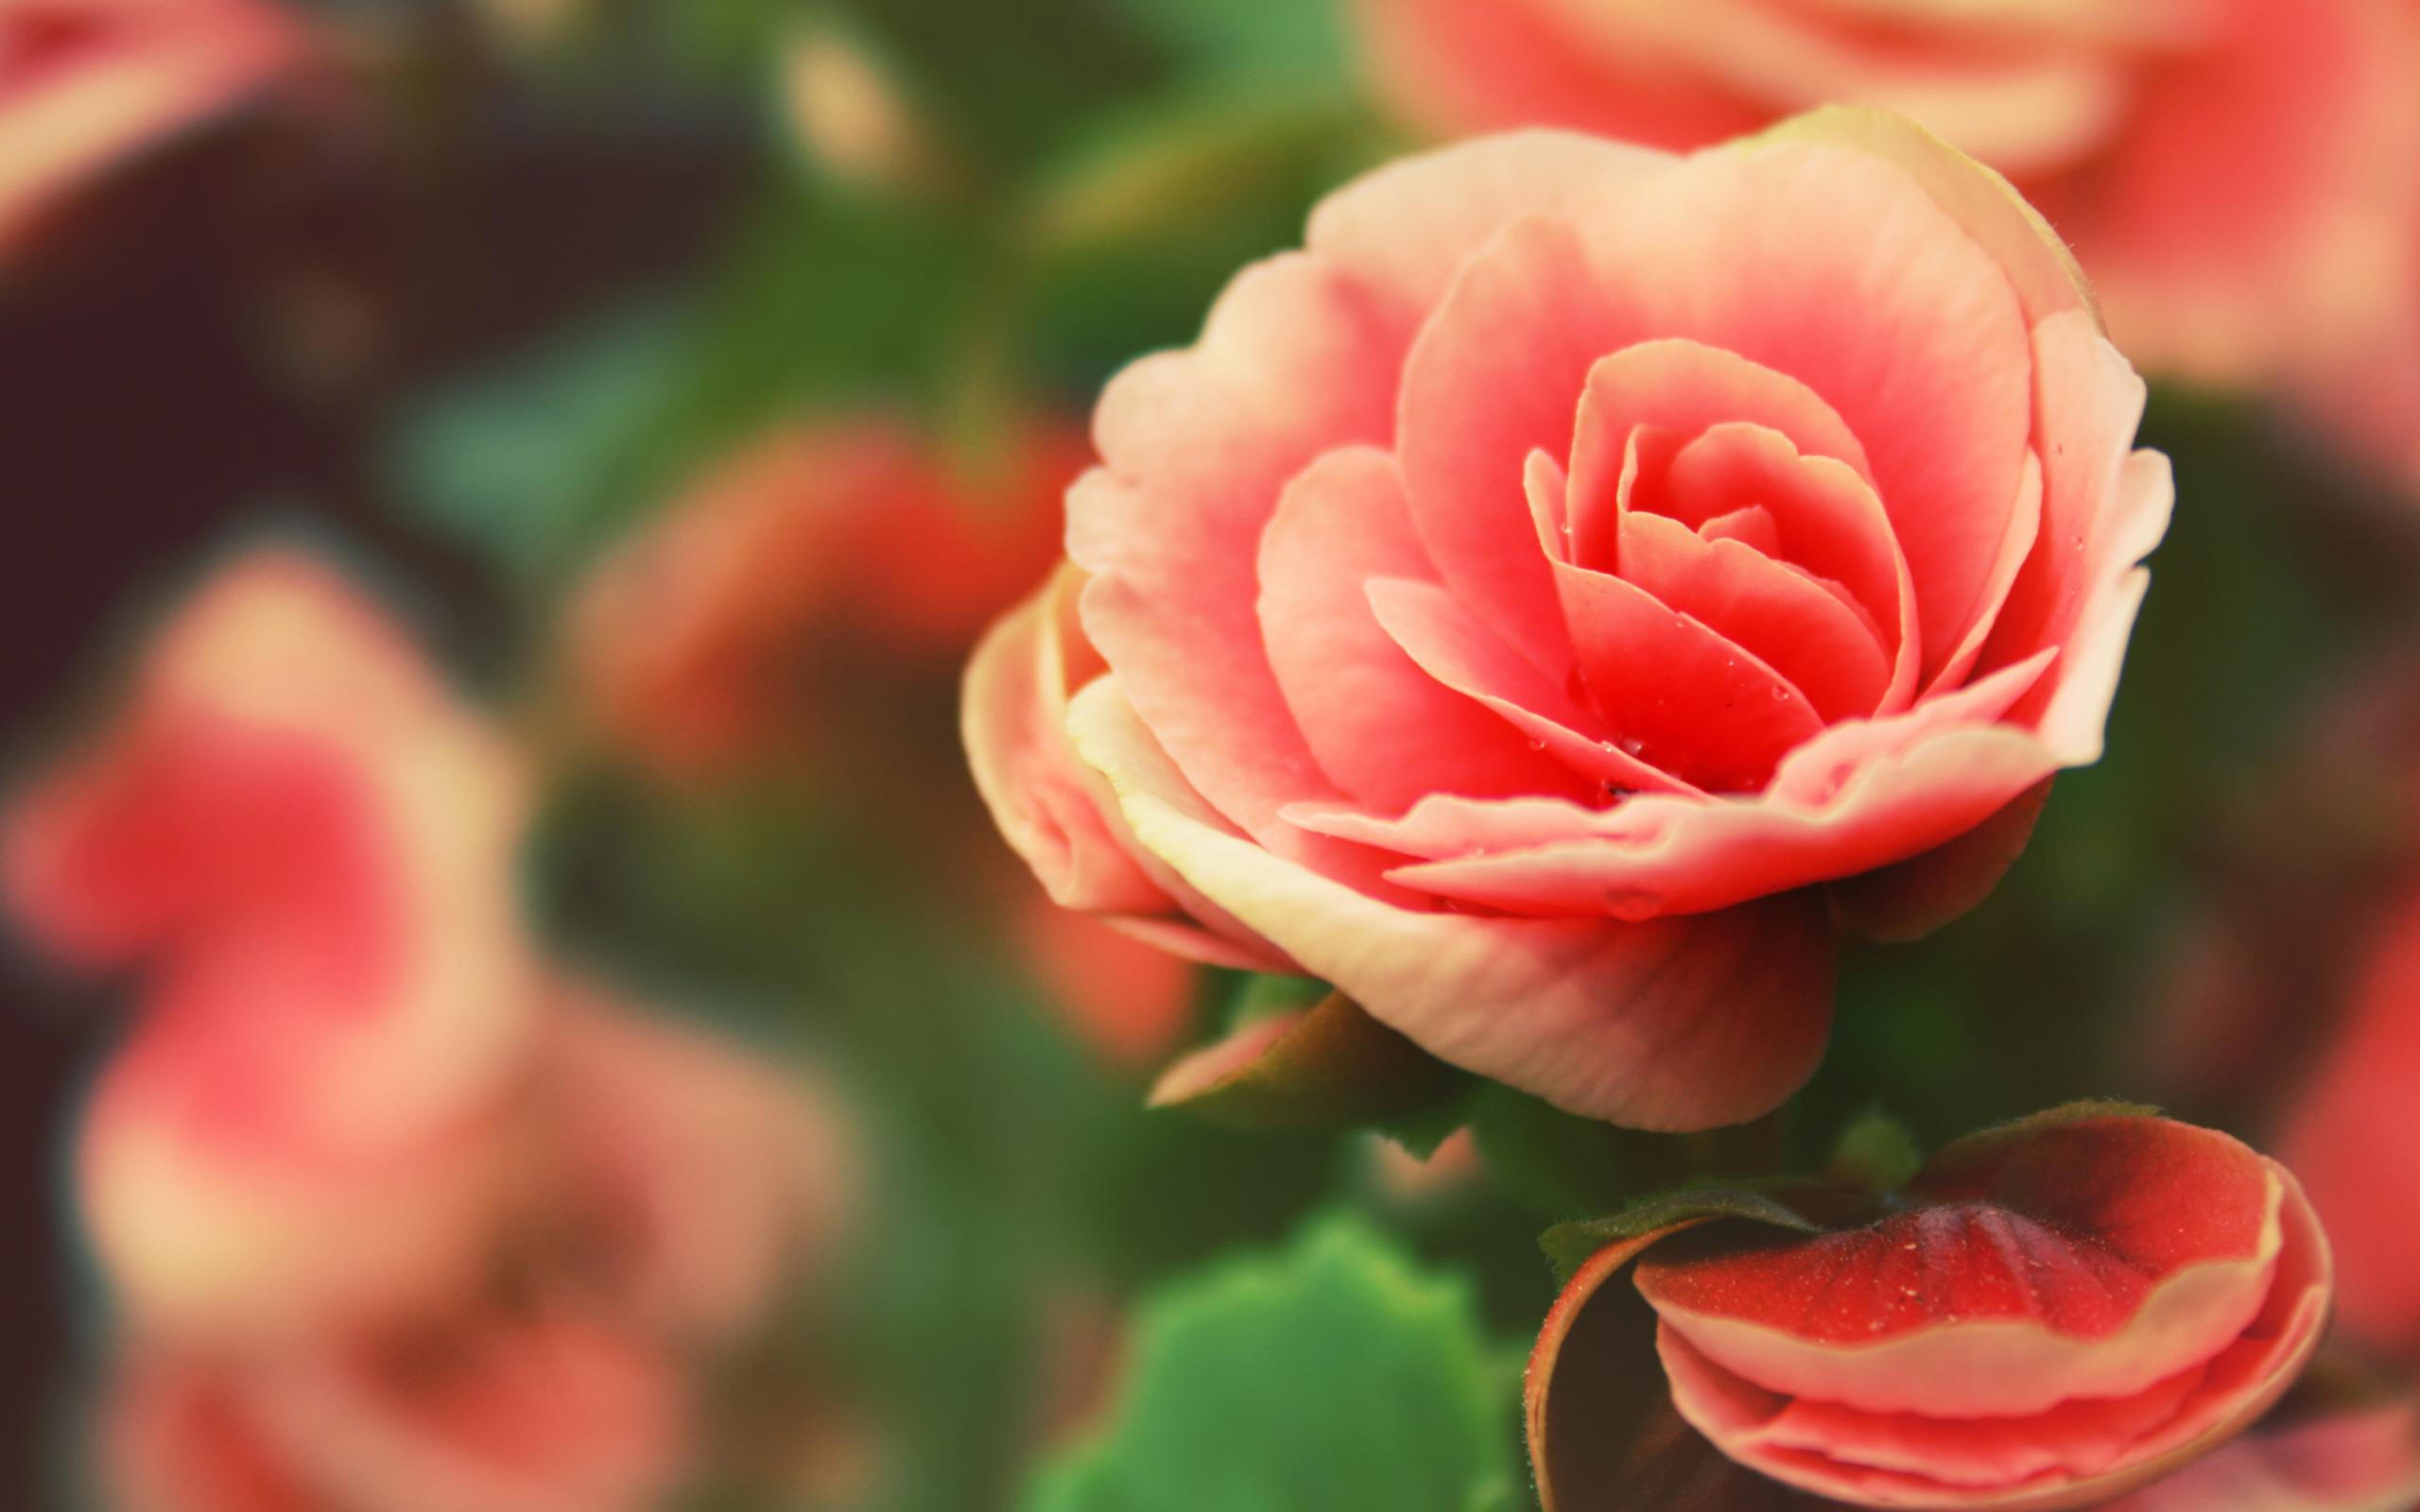 обои для рабочего стола розы красивые во весь экран № 233124 бесплатно